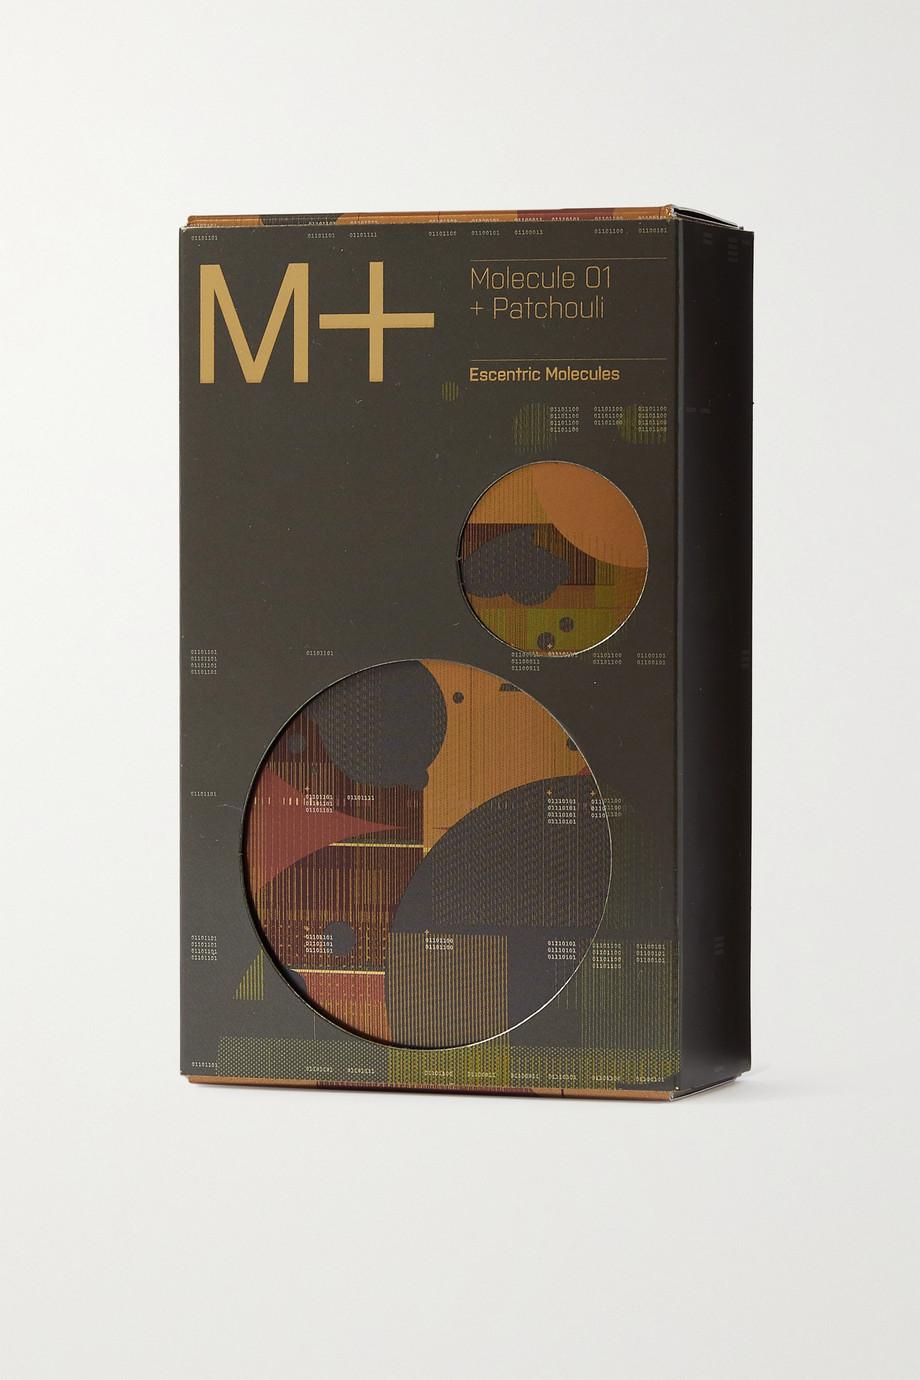 Escentric Molecules Eau de toilette Molecule 01 + Patchouli, 100 ml